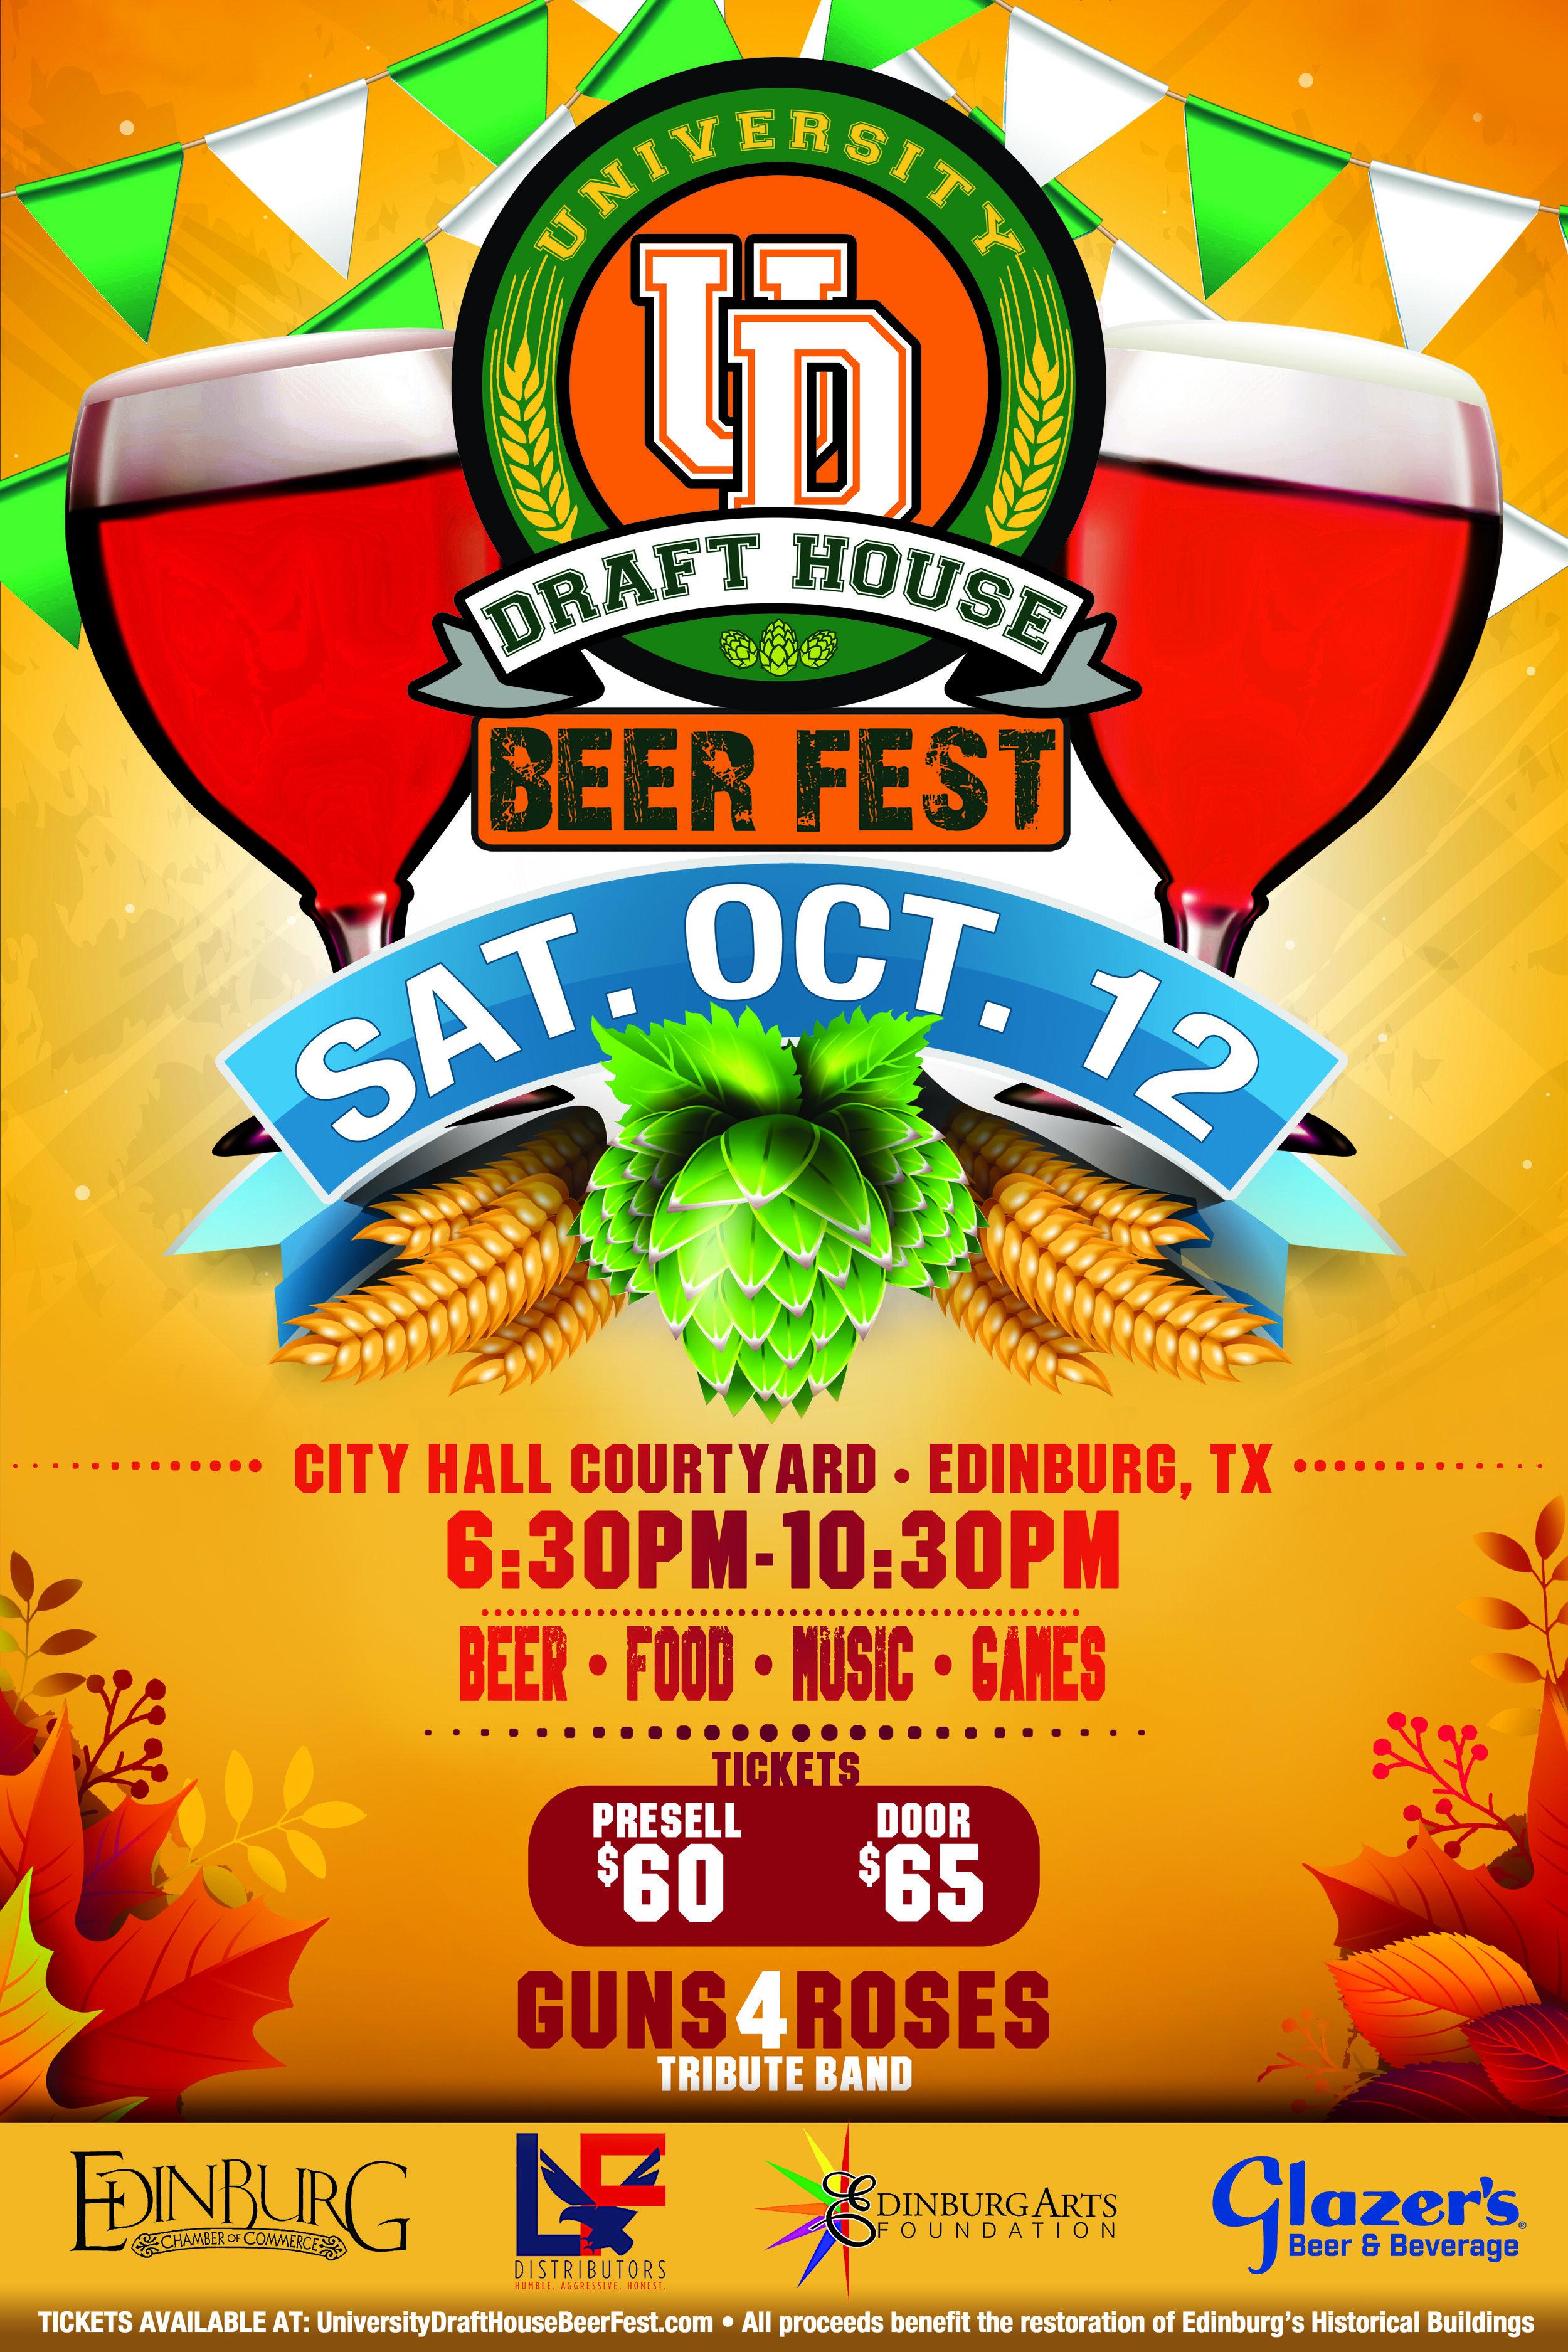 University DraftHouse Beer Fest 2019.jpg